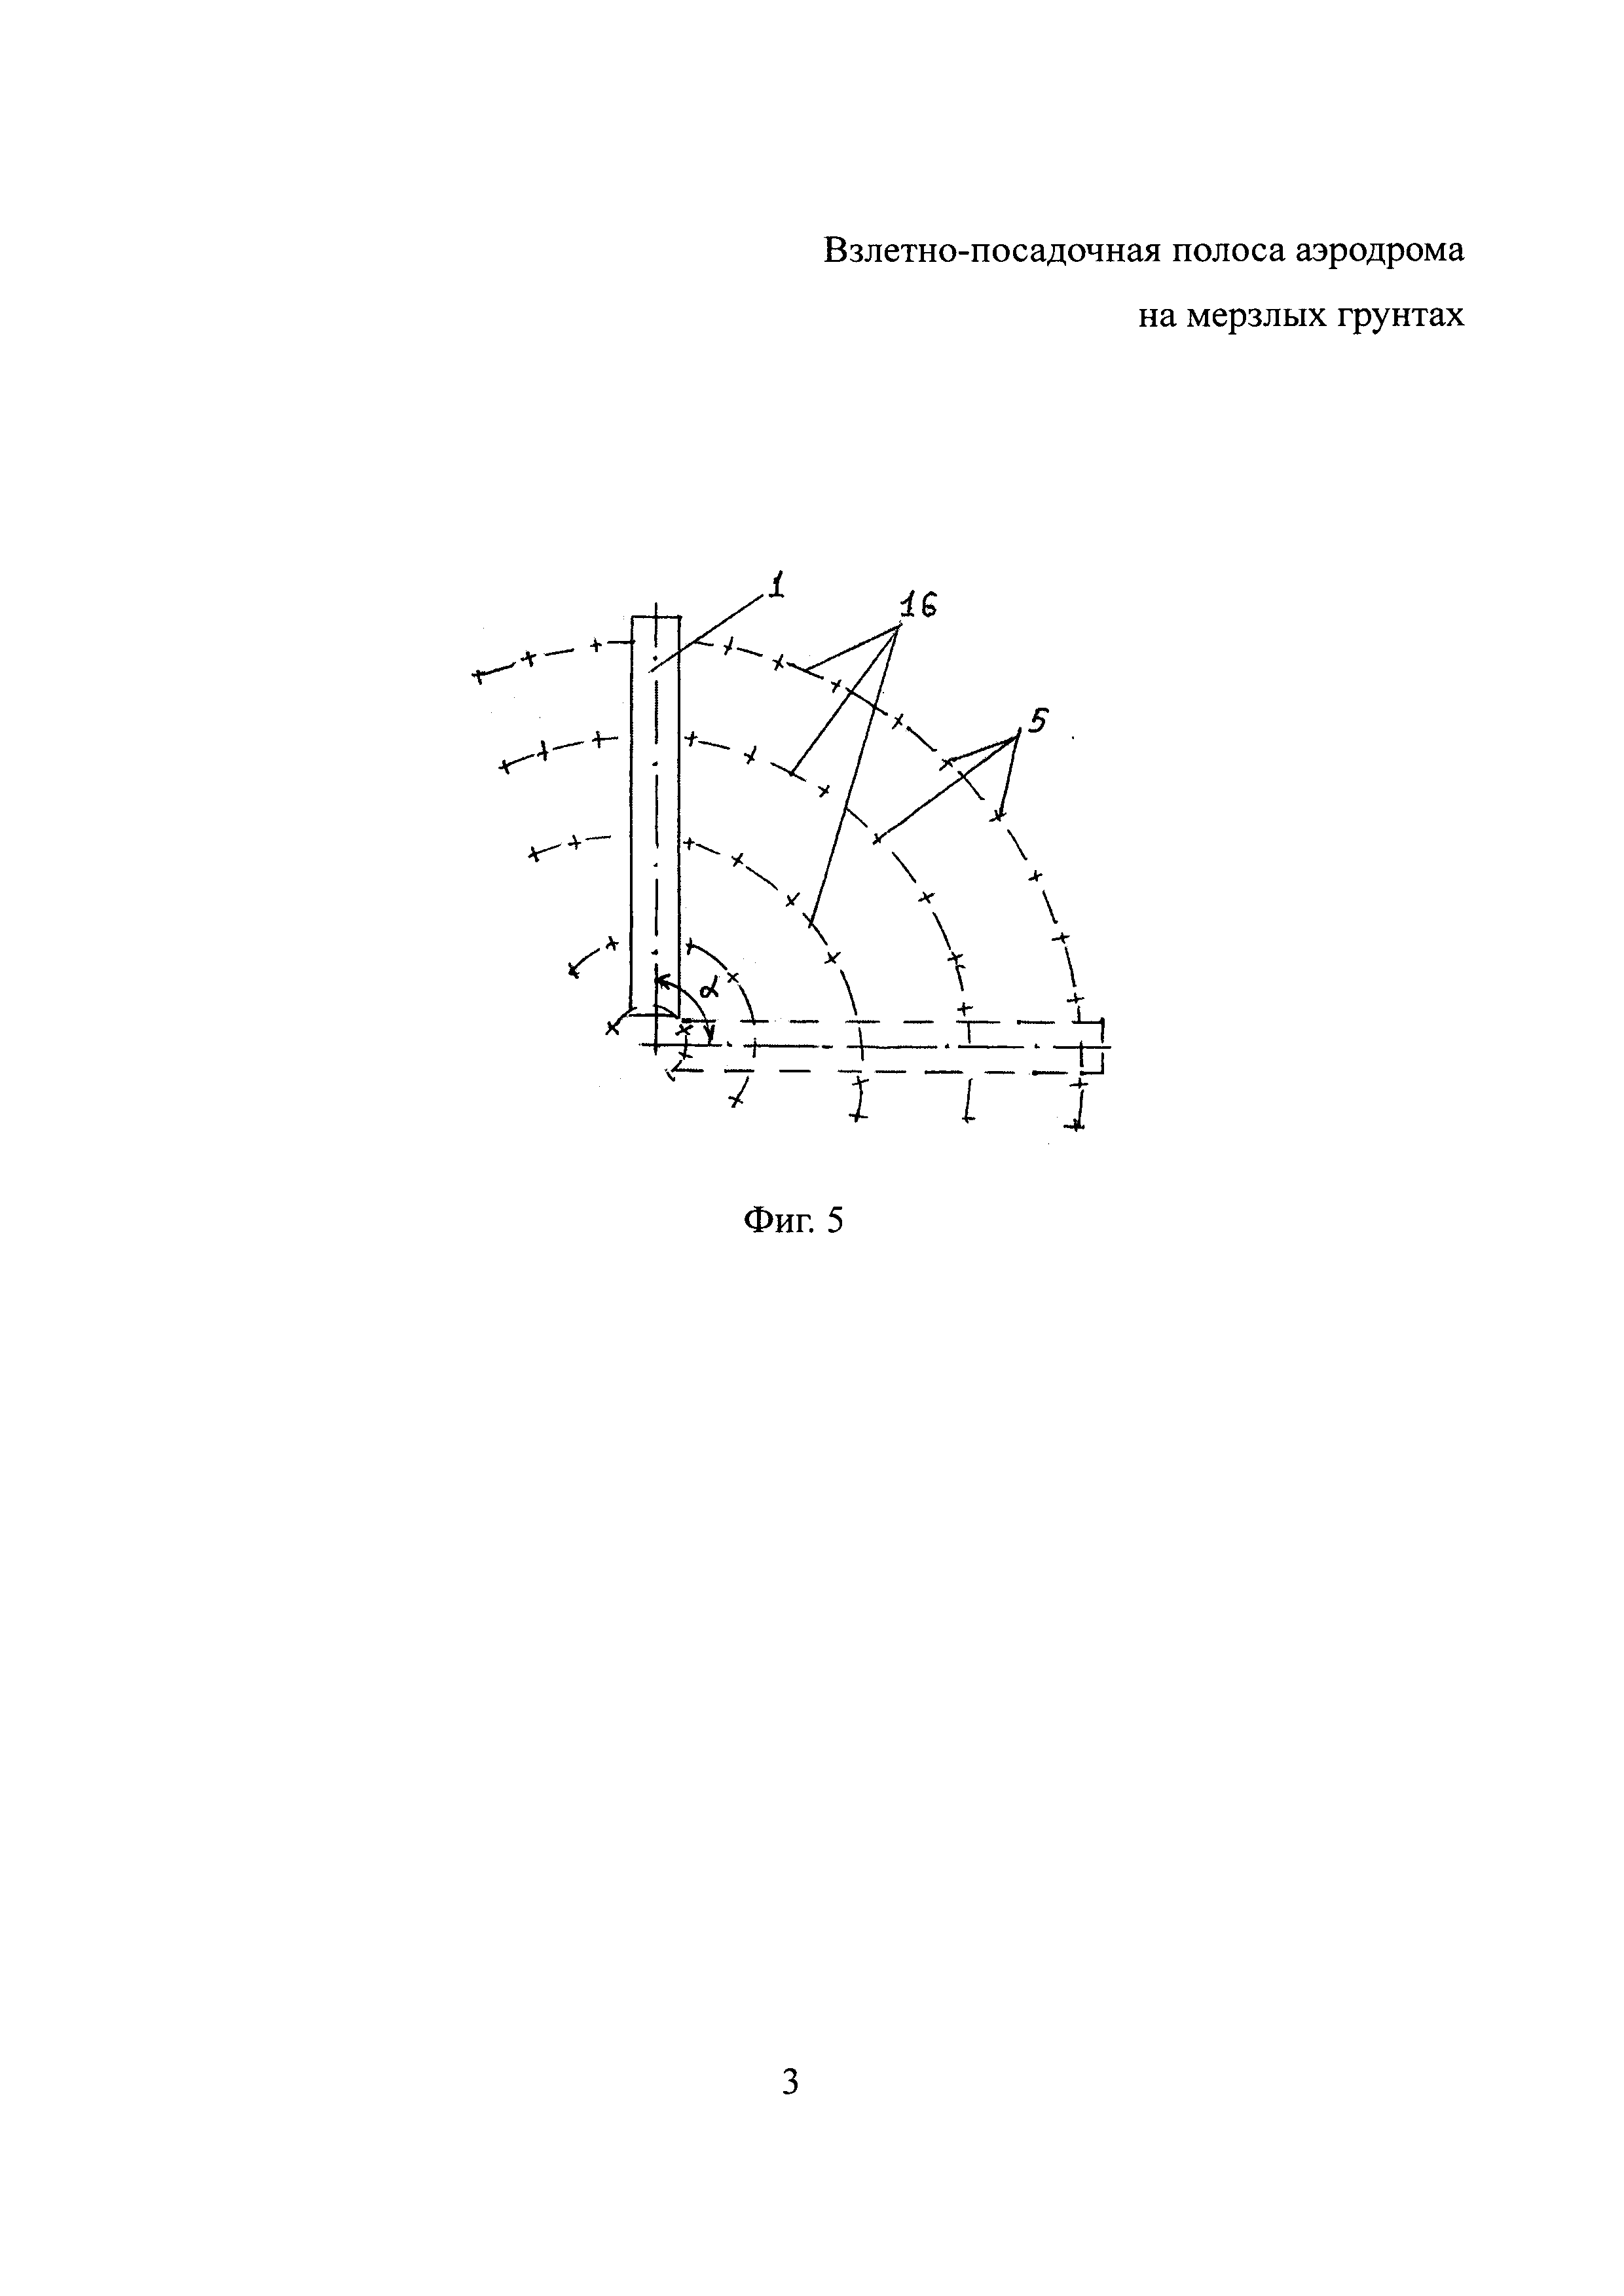 Взлетно-посадочная полоса на мерзлых грунтах